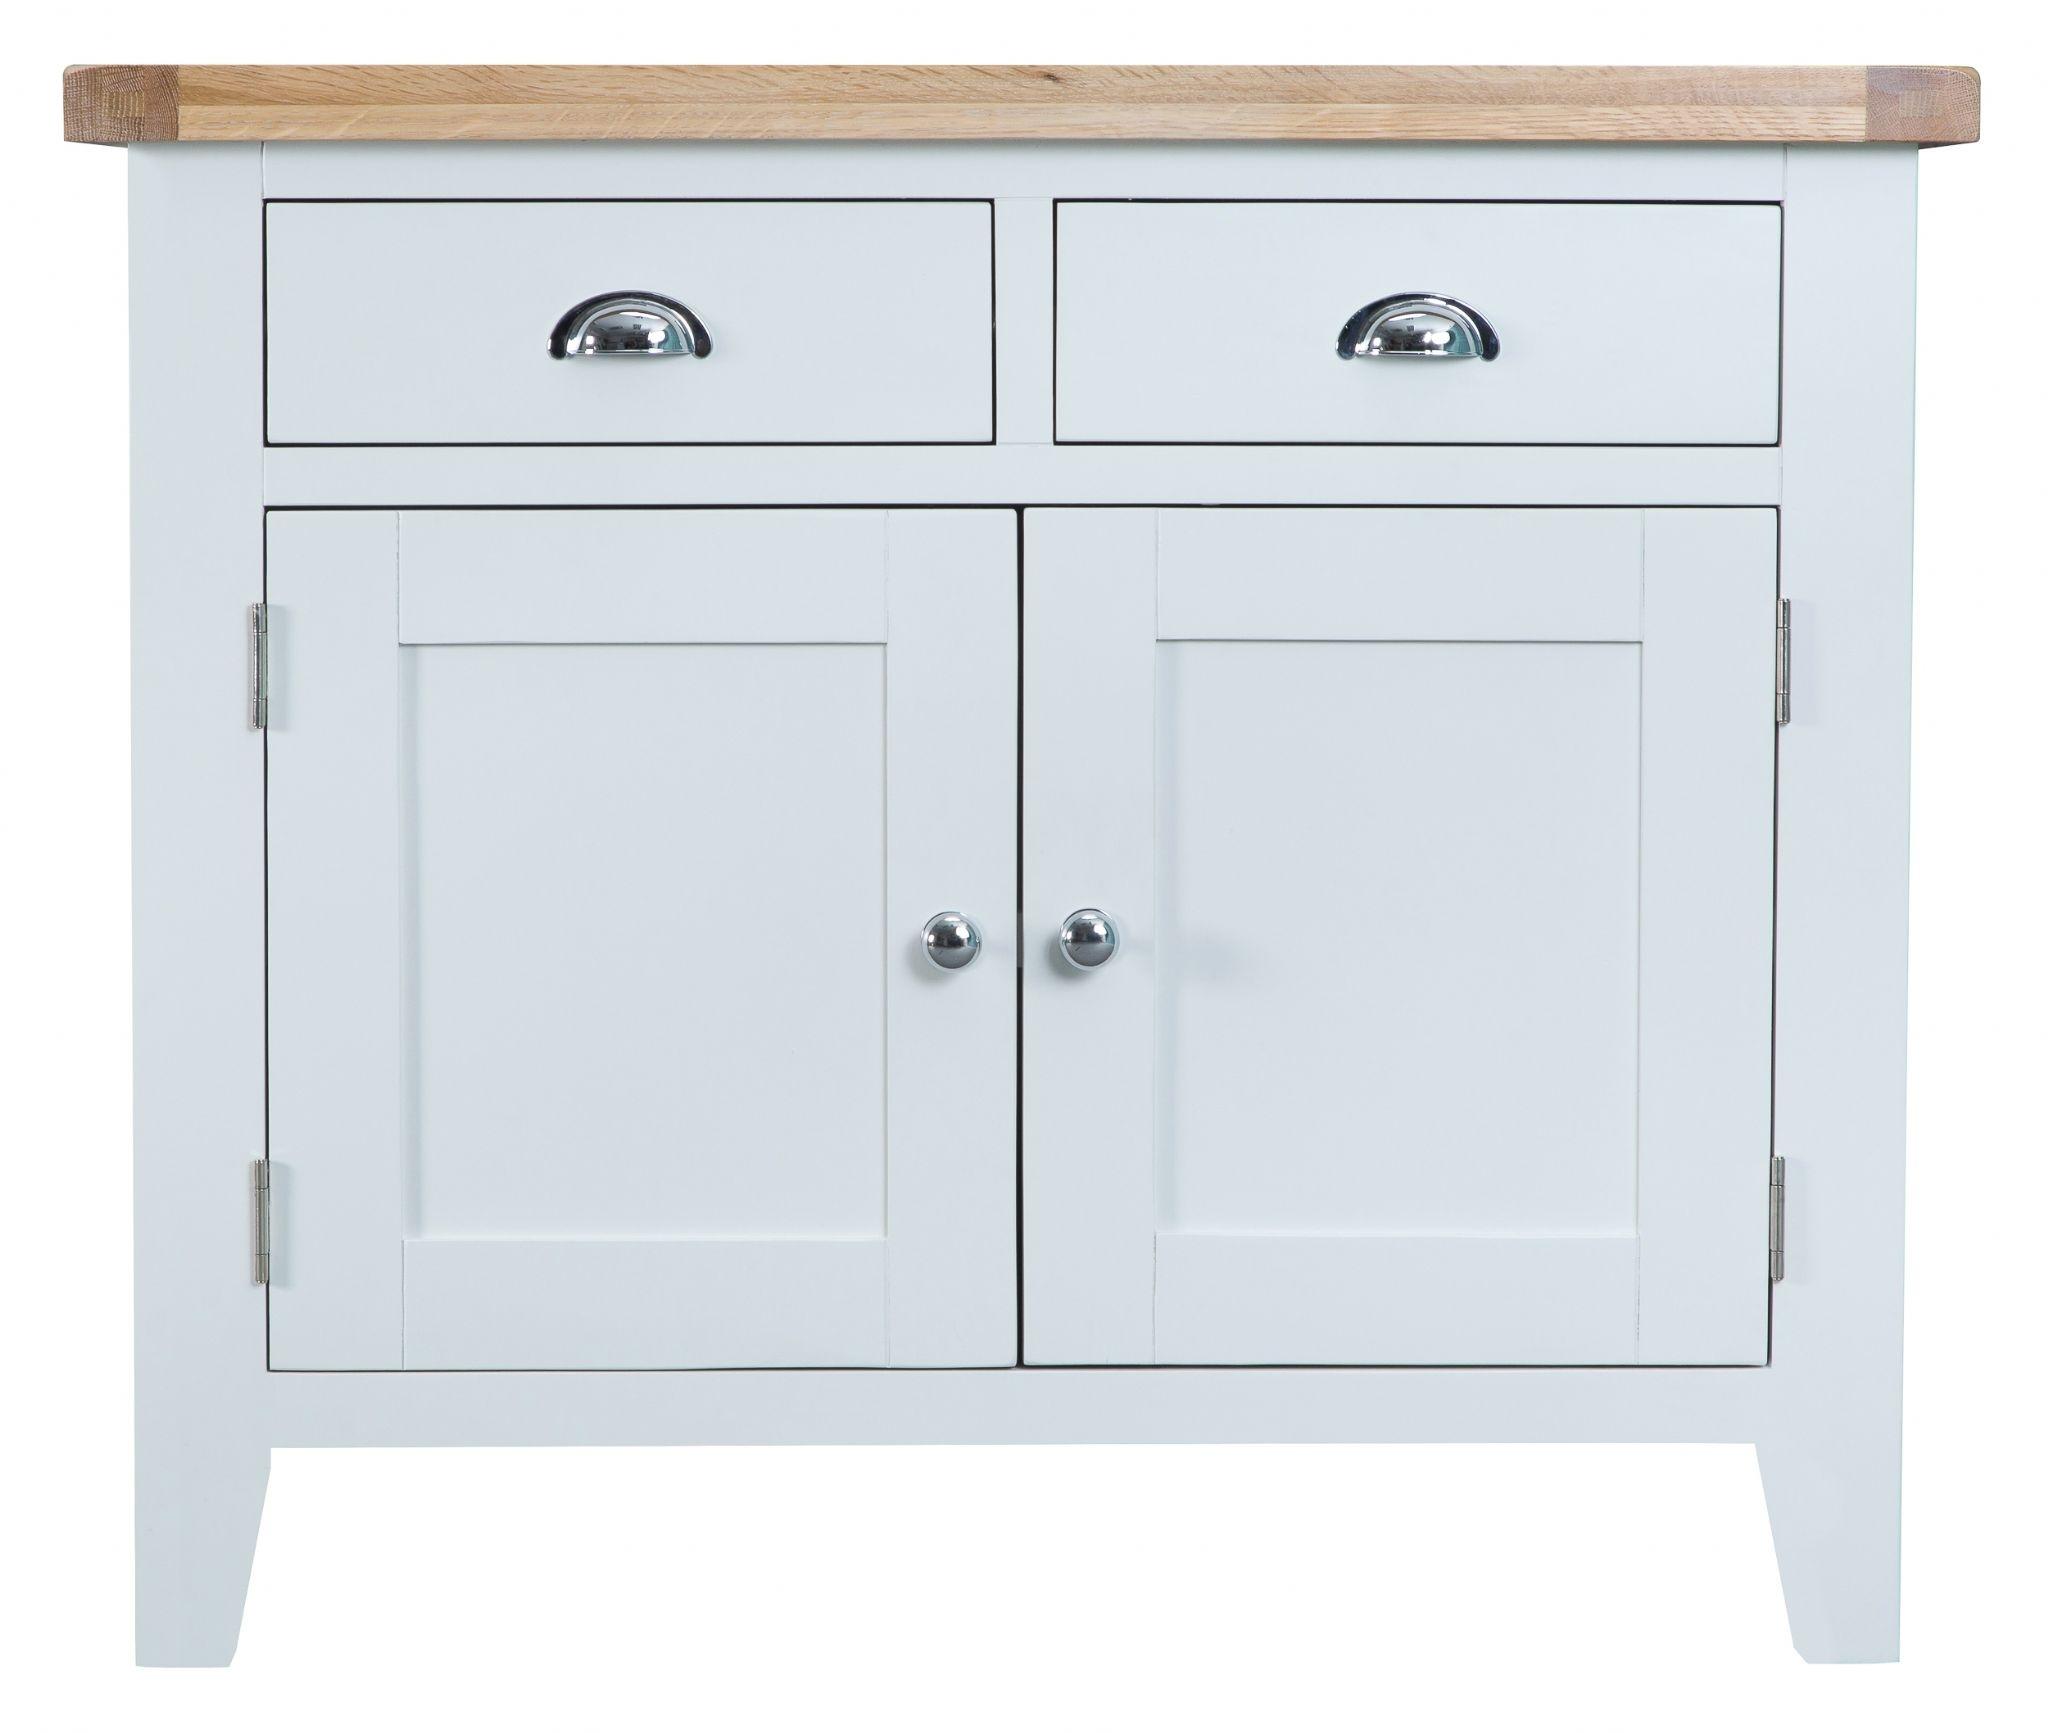 Sideboard - 2 Door 2 Drawer with regard to White Wash 2-Door Sideboards (Image 18 of 30)